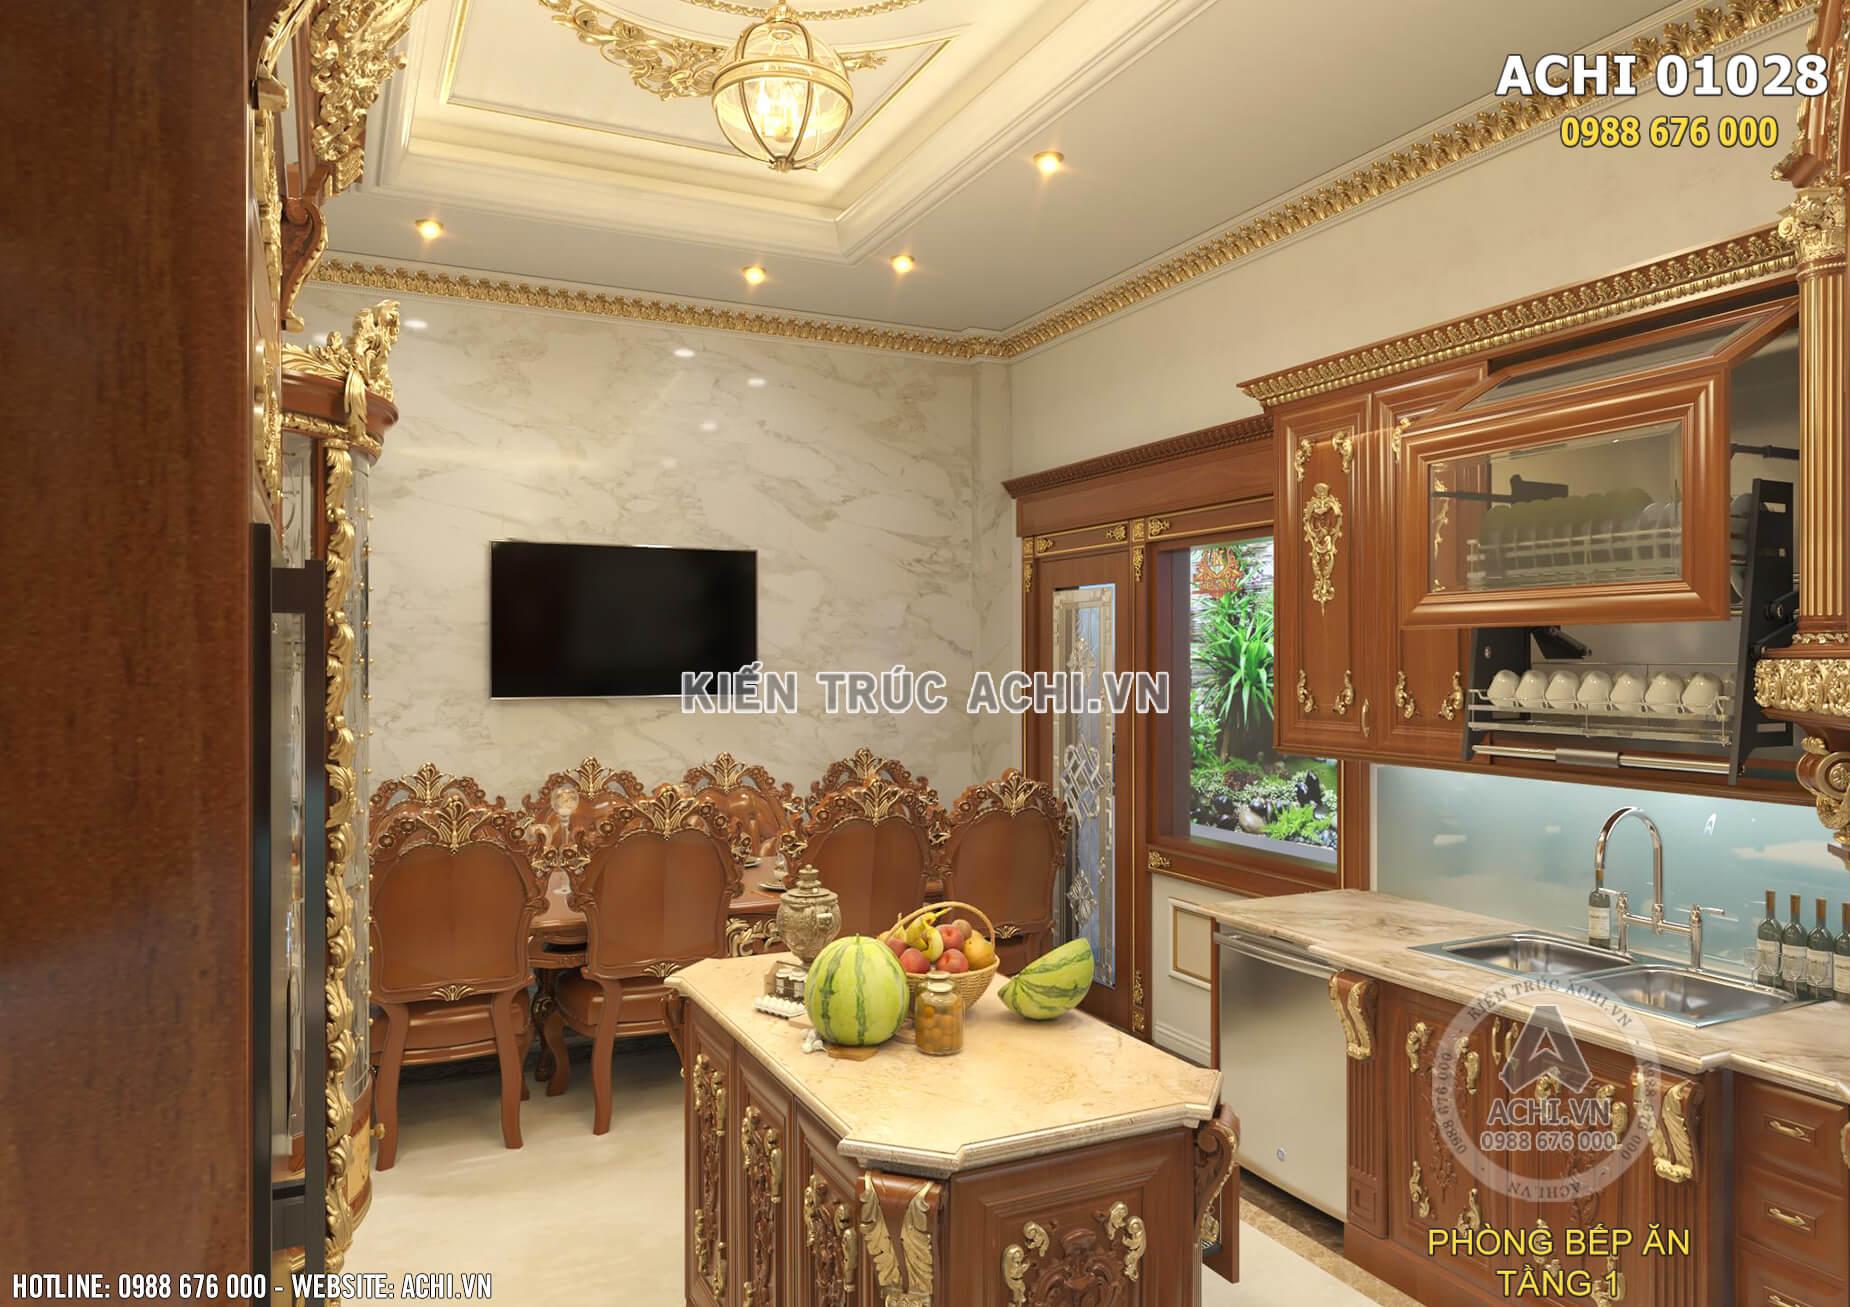 Một góc view của nội thất phòng bếp ăn mẫu biệt thự tân cổ